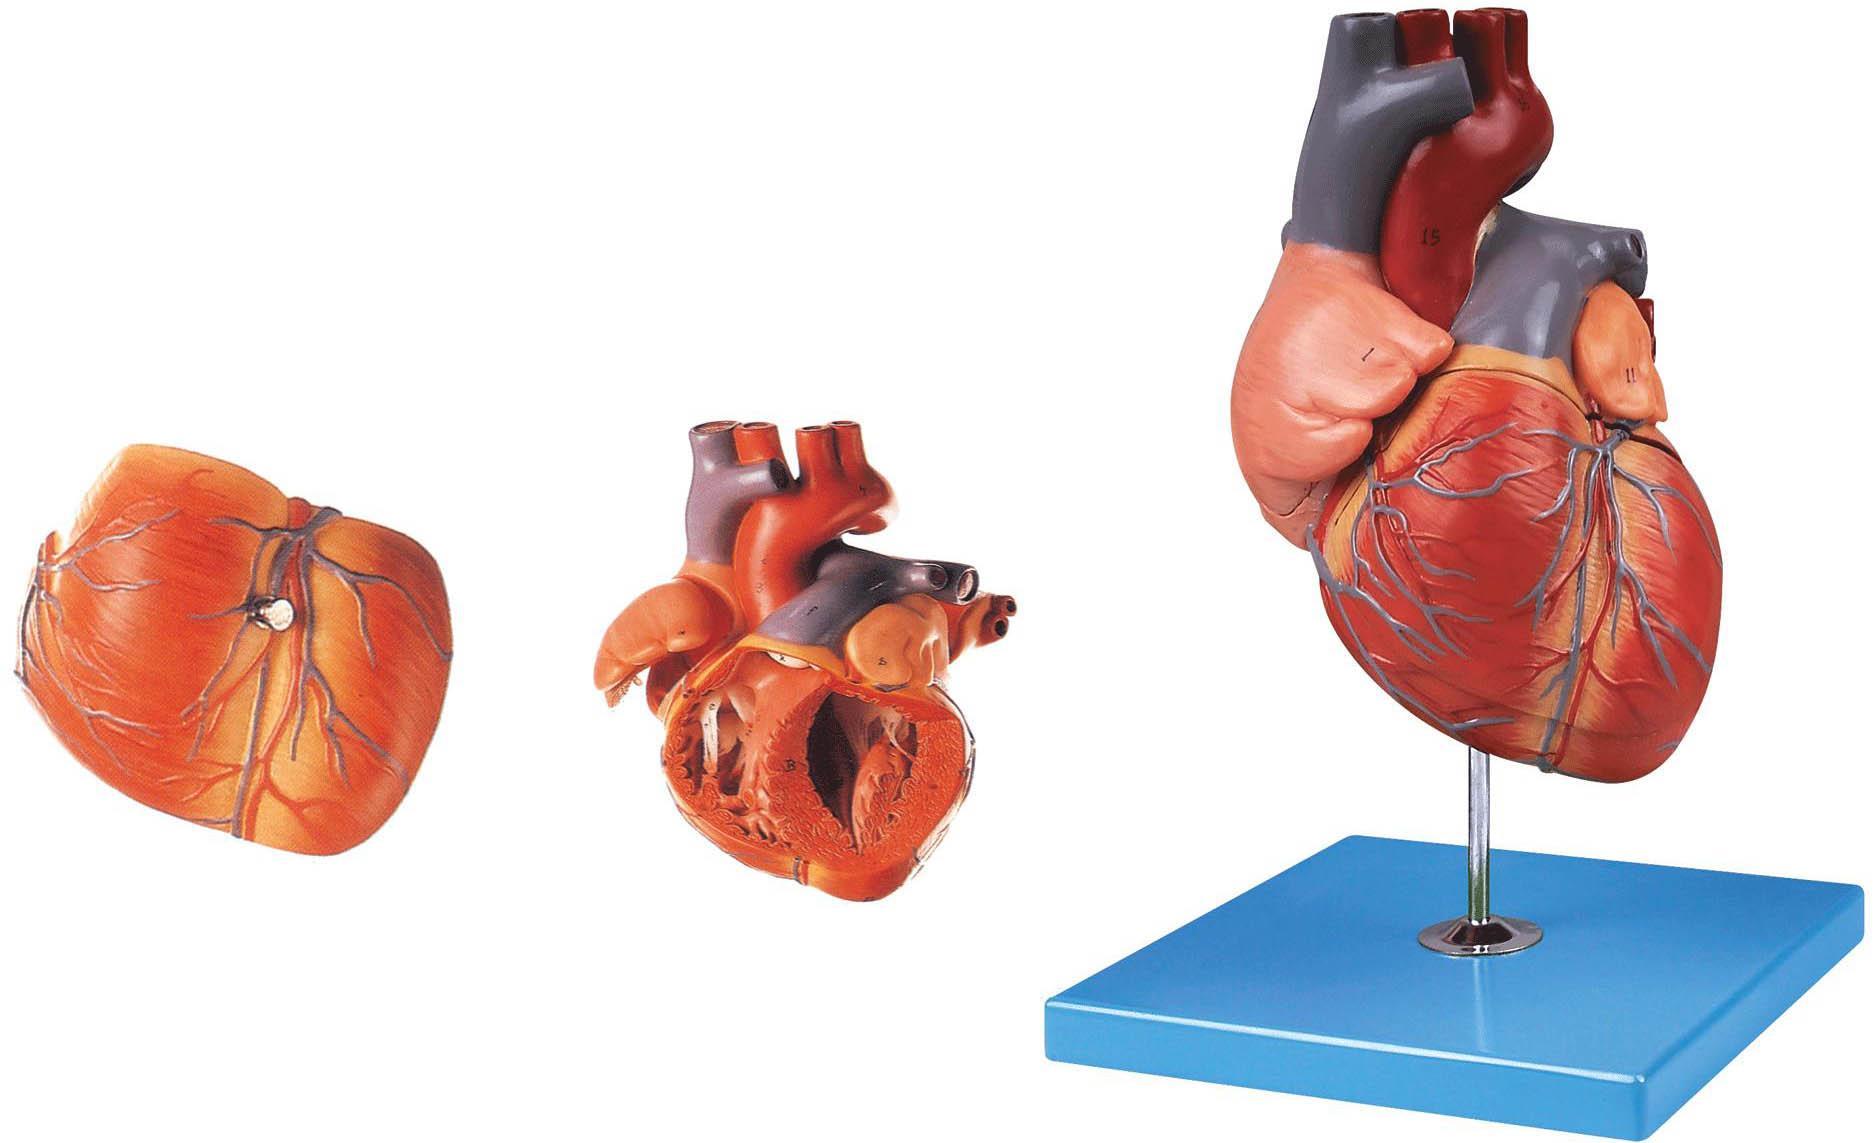 心脏解剖放大模型-上海佳悦公司:021-63283651 中国领先的医学教学模型设备制造厂家